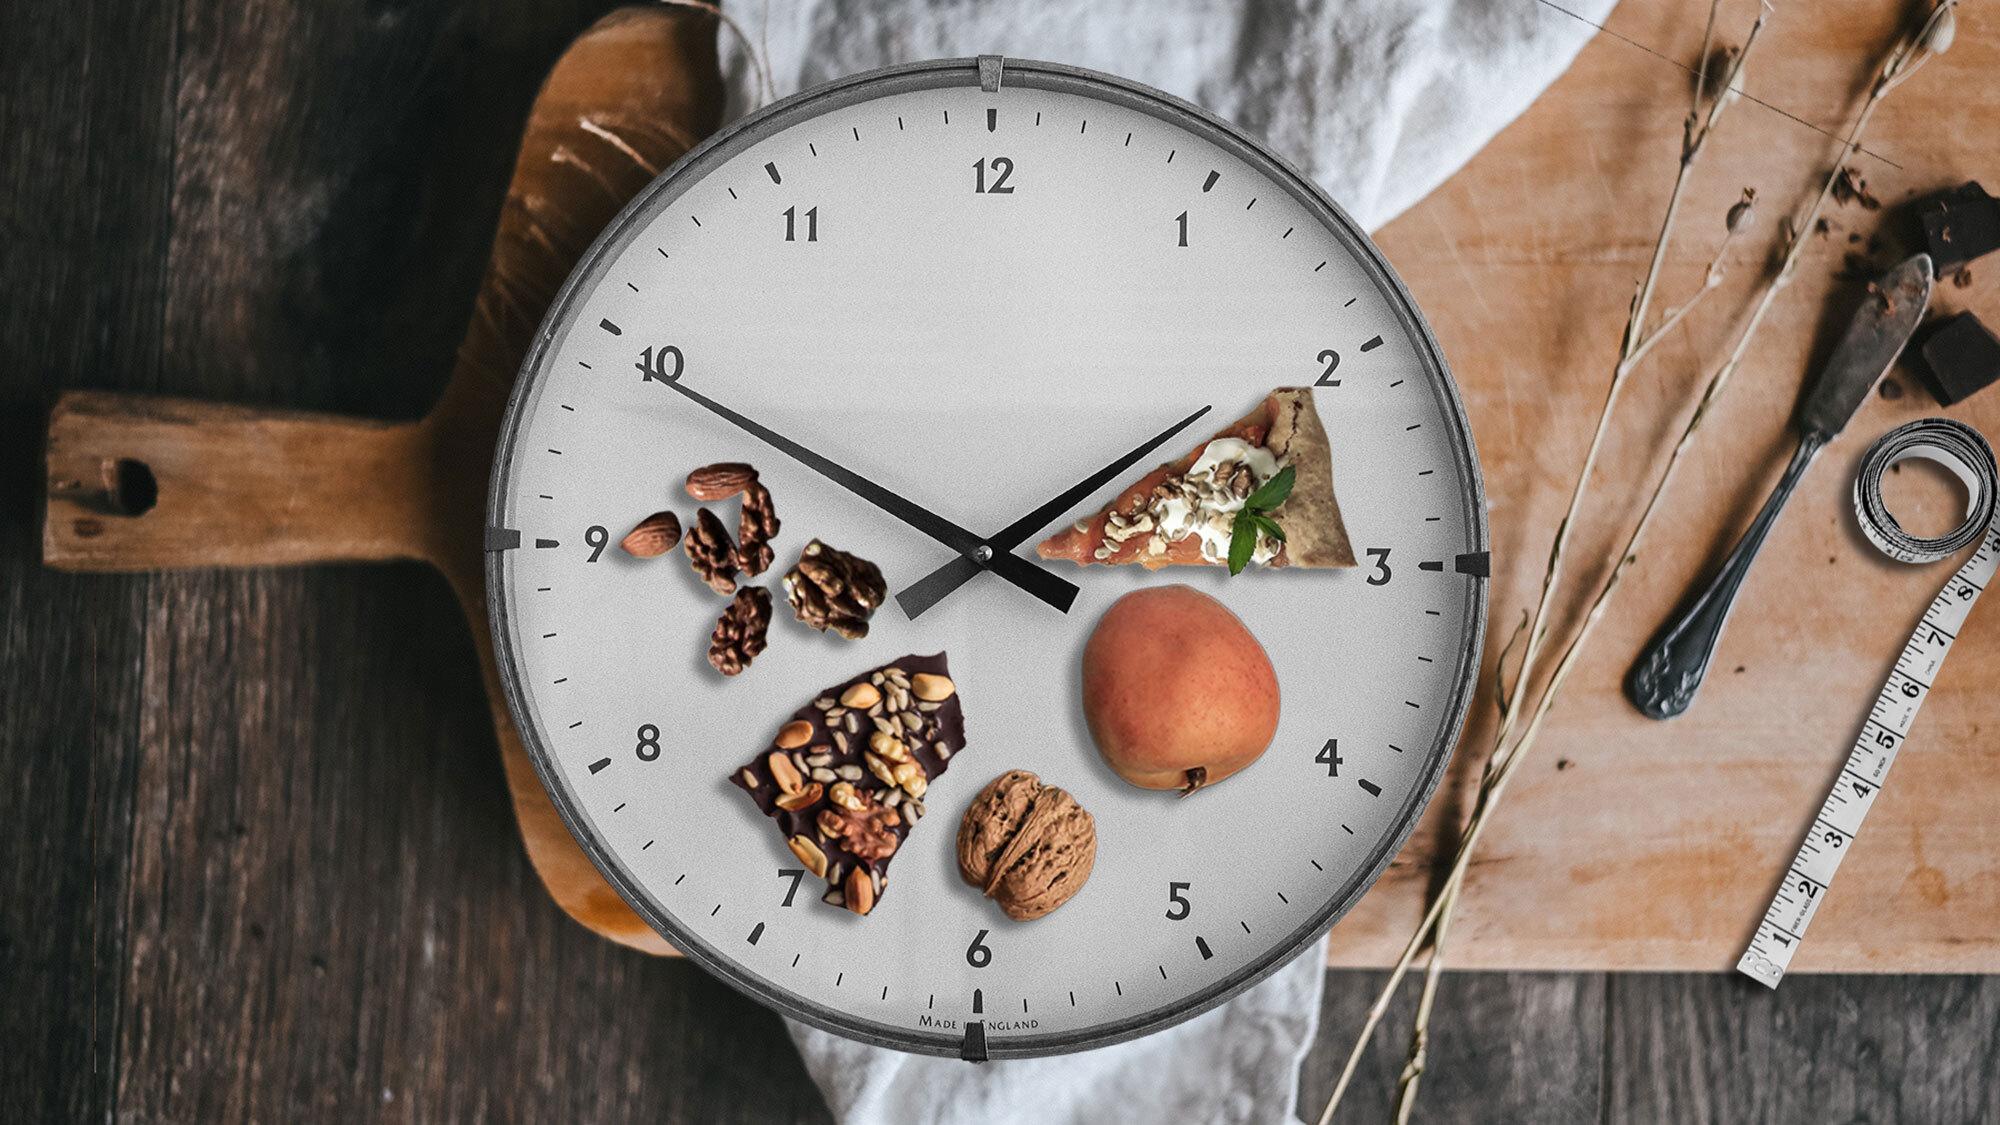 6 Cách thực hiện intermittent fasting phổ biến